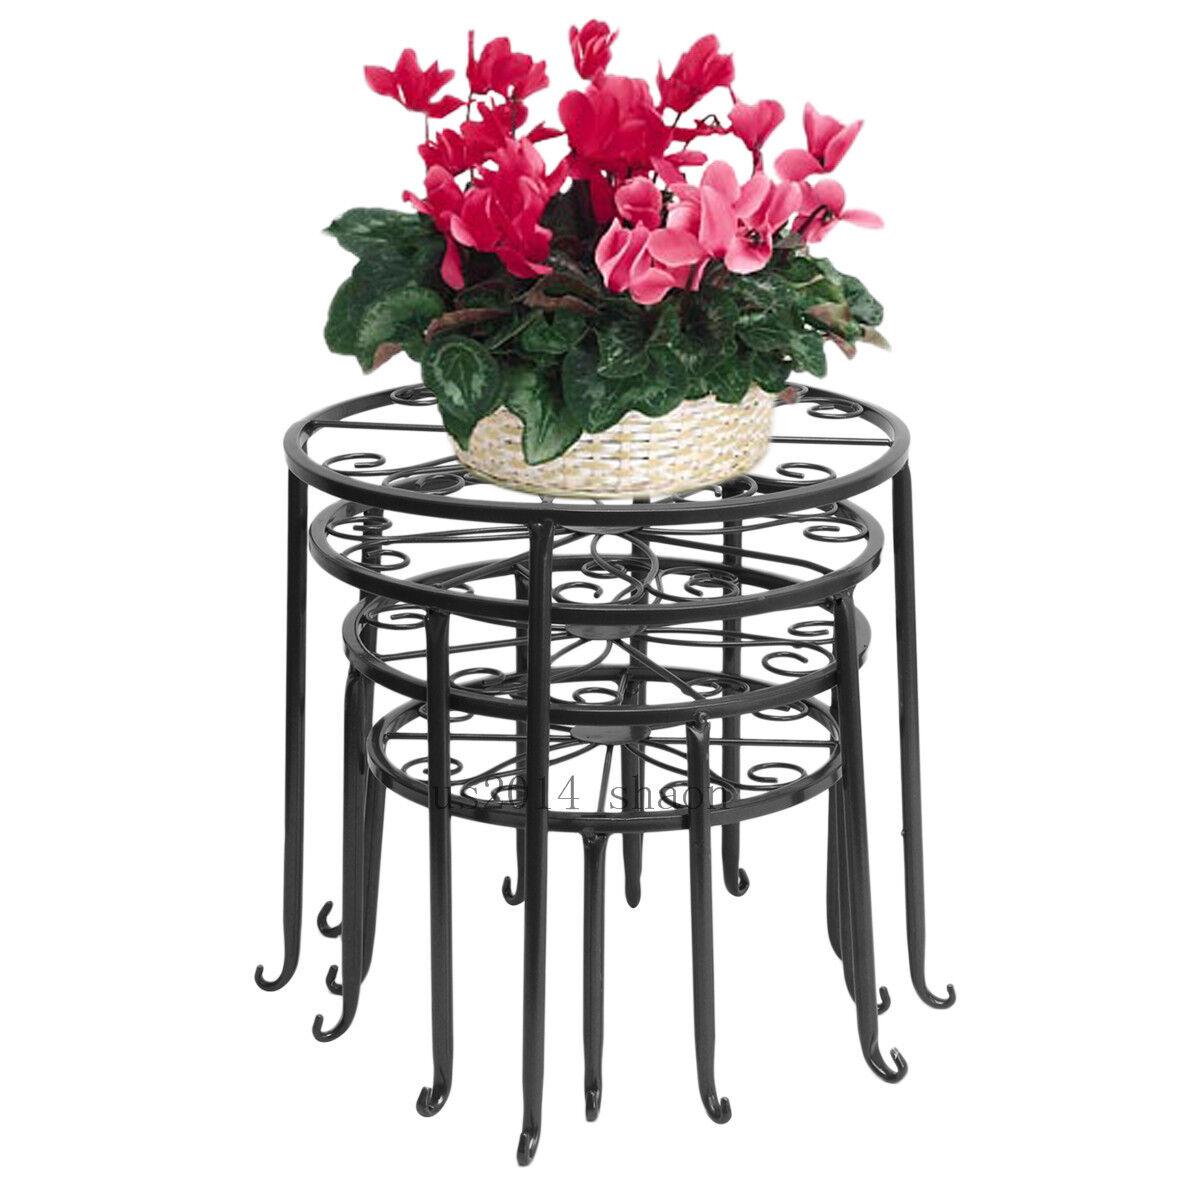 metall blumen regale pflanzenst nder tisch pflanzentisch. Black Bedroom Furniture Sets. Home Design Ideas